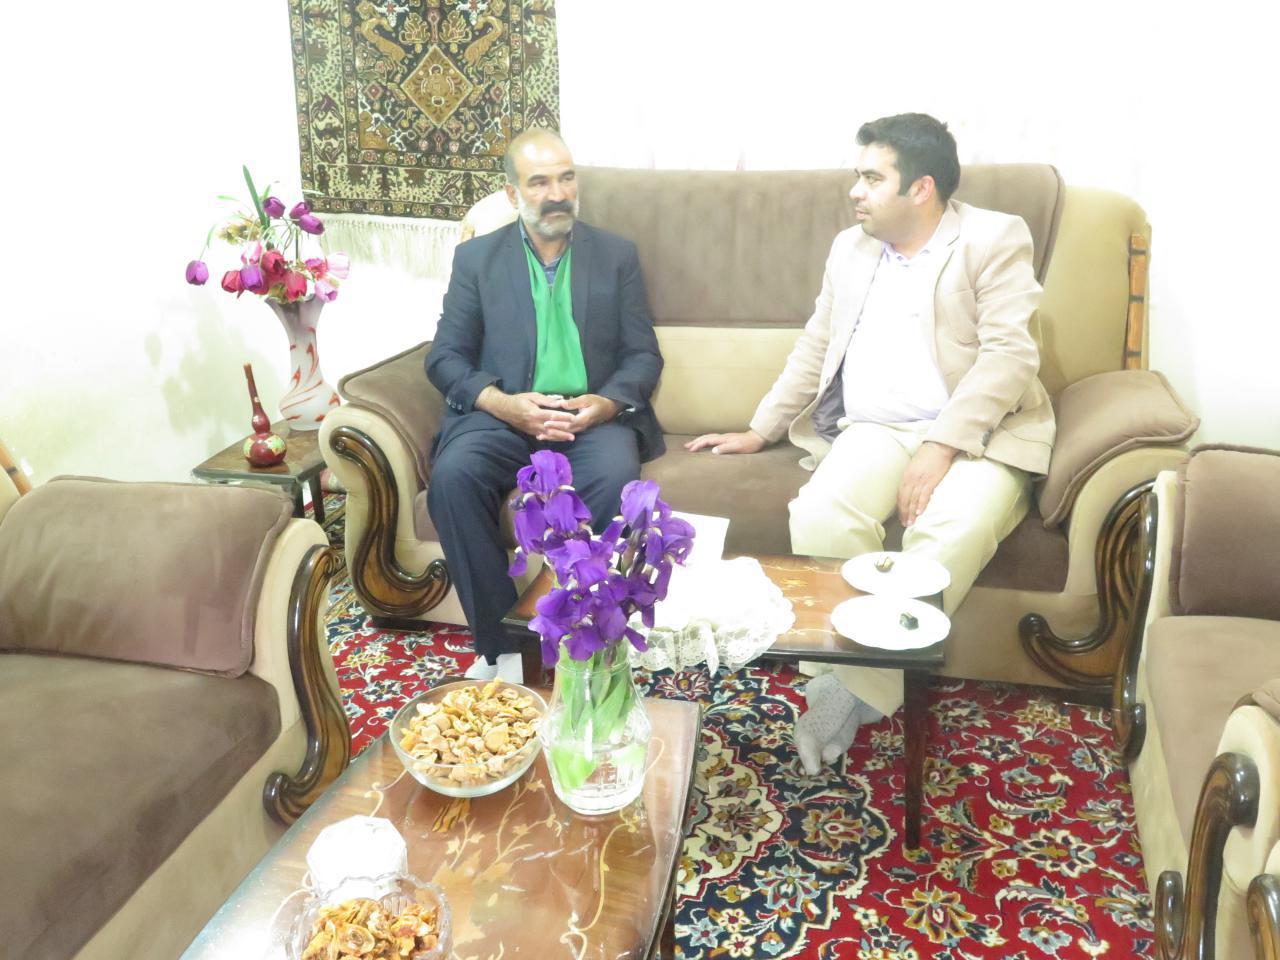 دیدار رئیس فرهنگ و ارشاد اسلامی زیرکوه با سید مهدی نبوی آبیز شاعر آیینی بخش شاسکوه